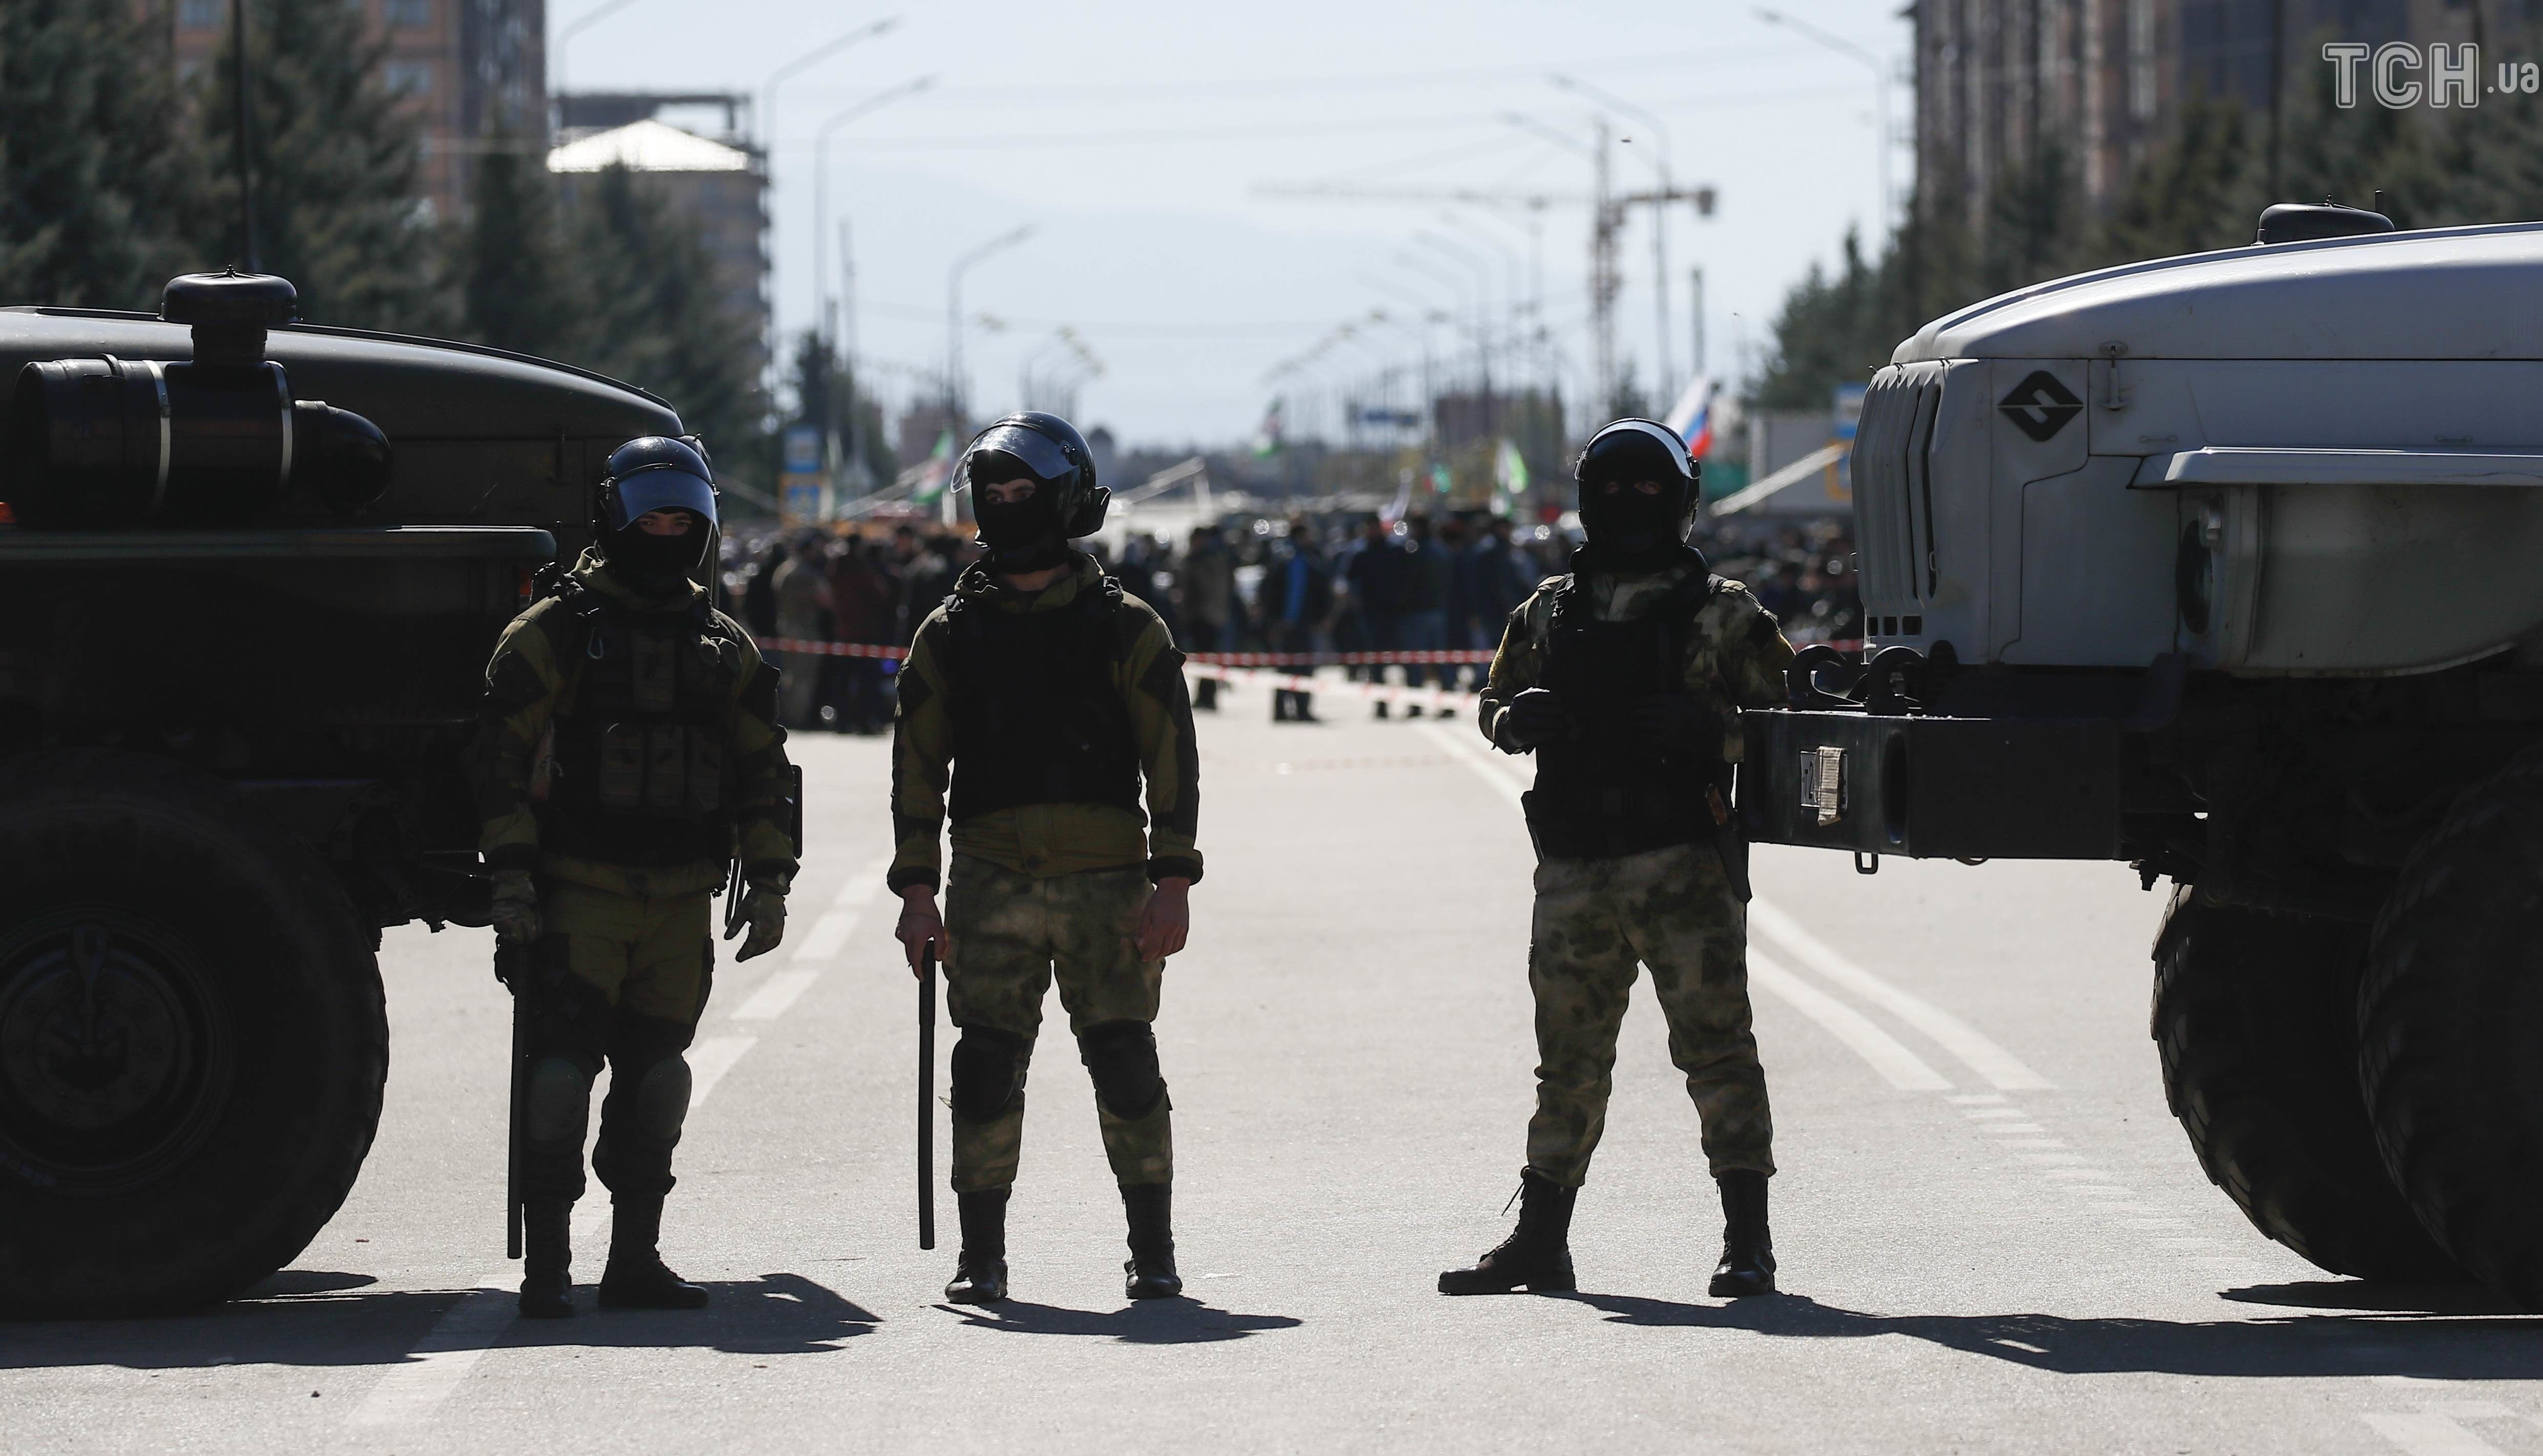 російські військові, Росгвардія, російська поліція, Інгушетія